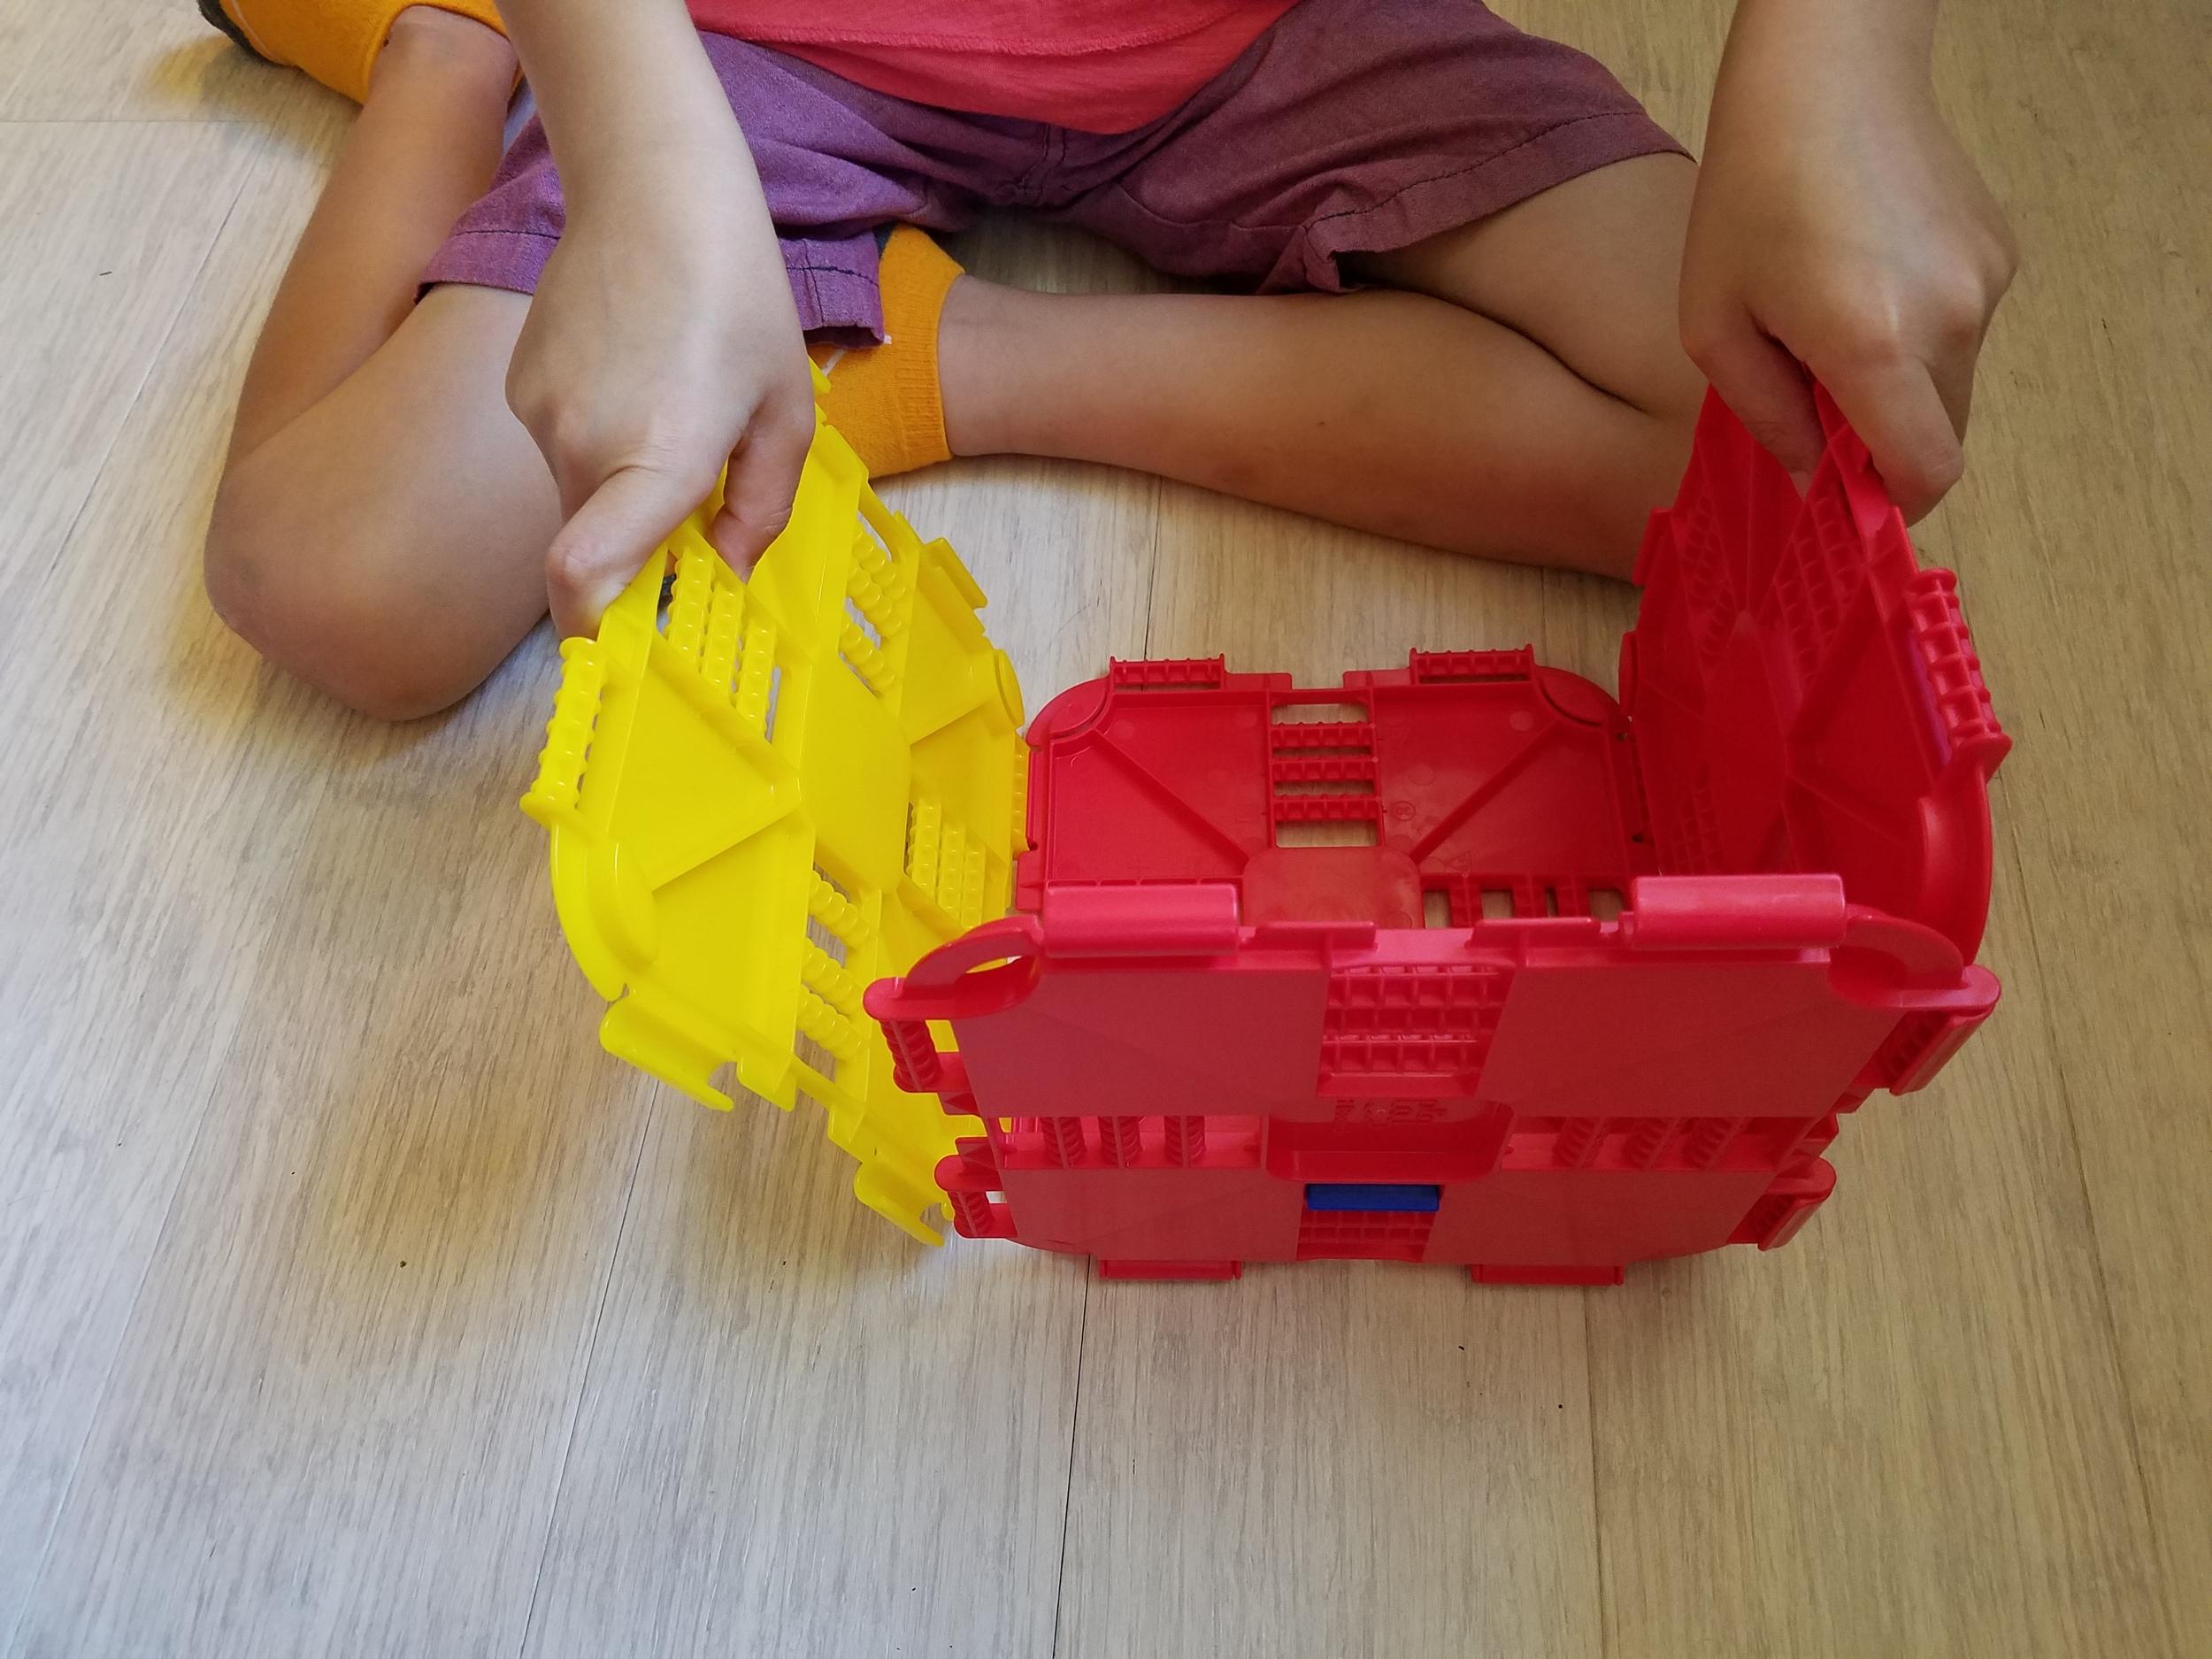 buildingtoy.jpg